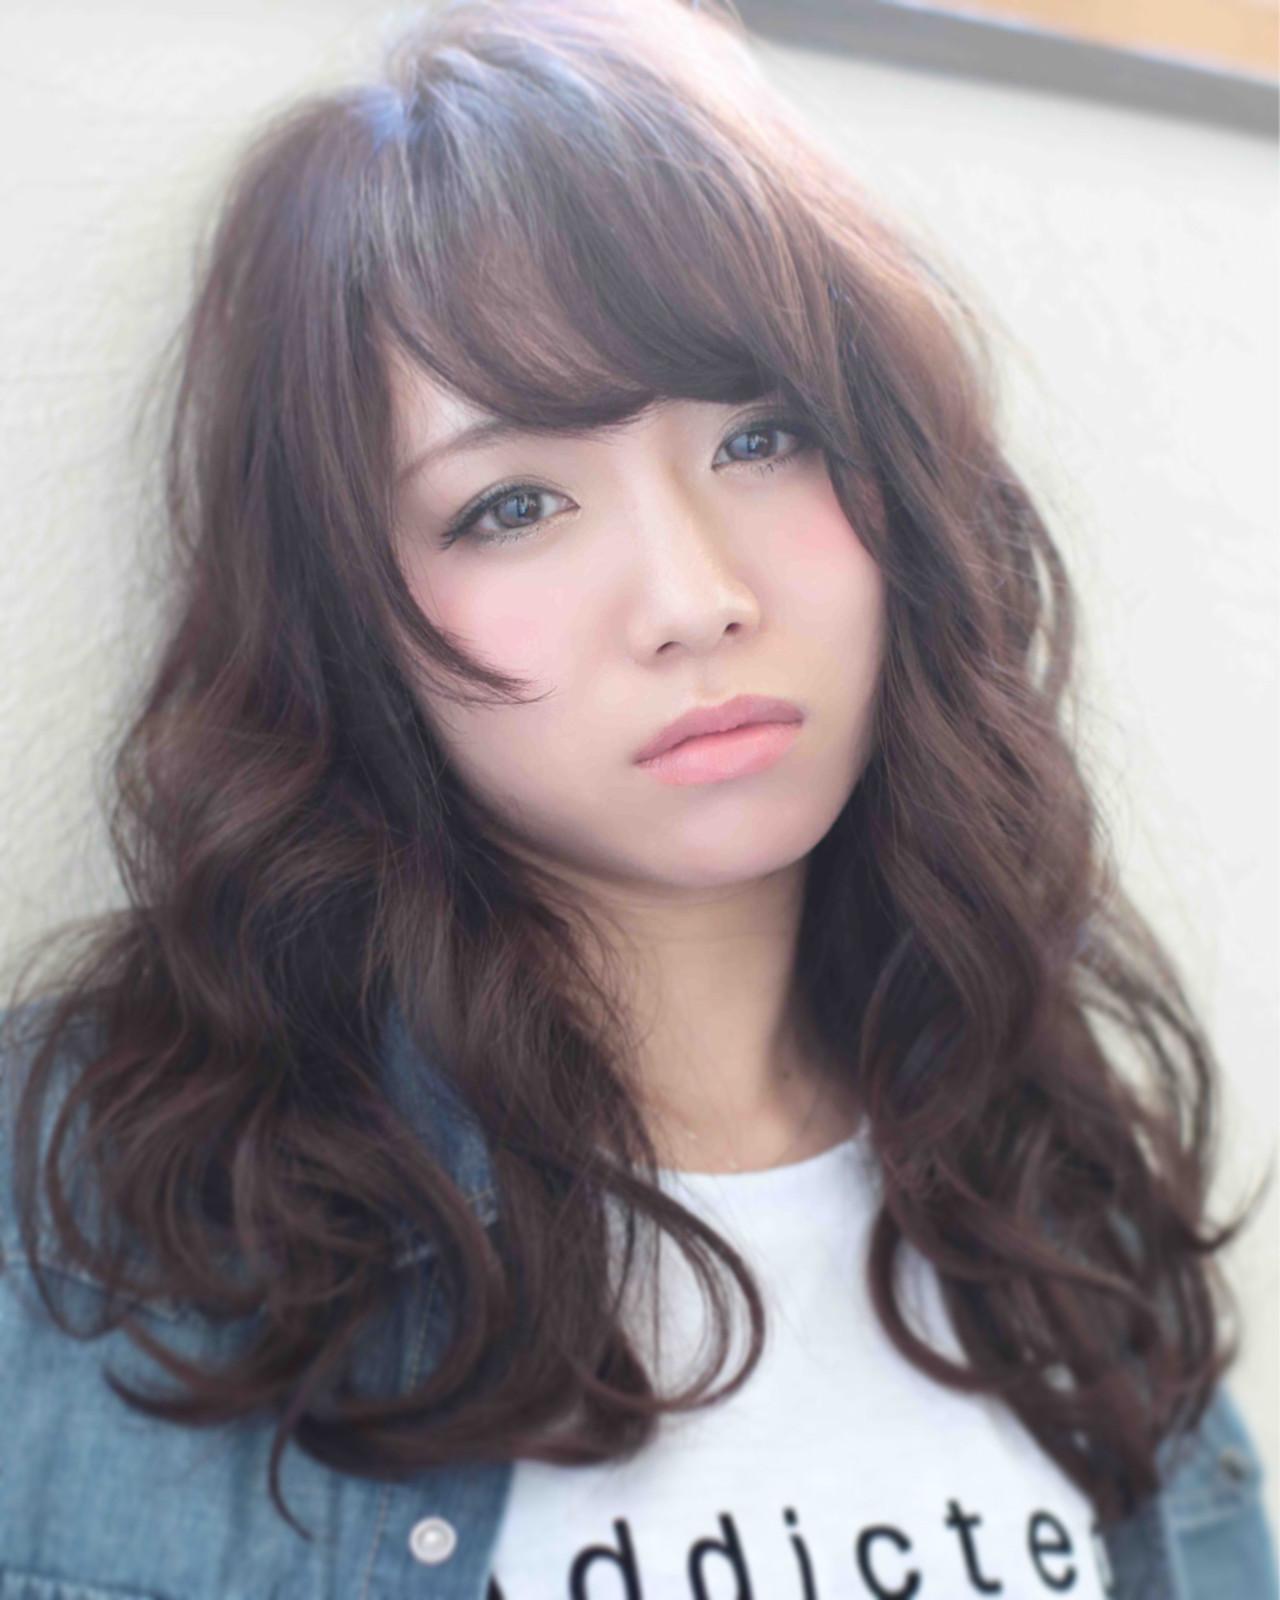 かわいい子はやっている♡ふんわり前髪の作り方と崩れない方法 宮内 陽光(みやうち あきみつ)